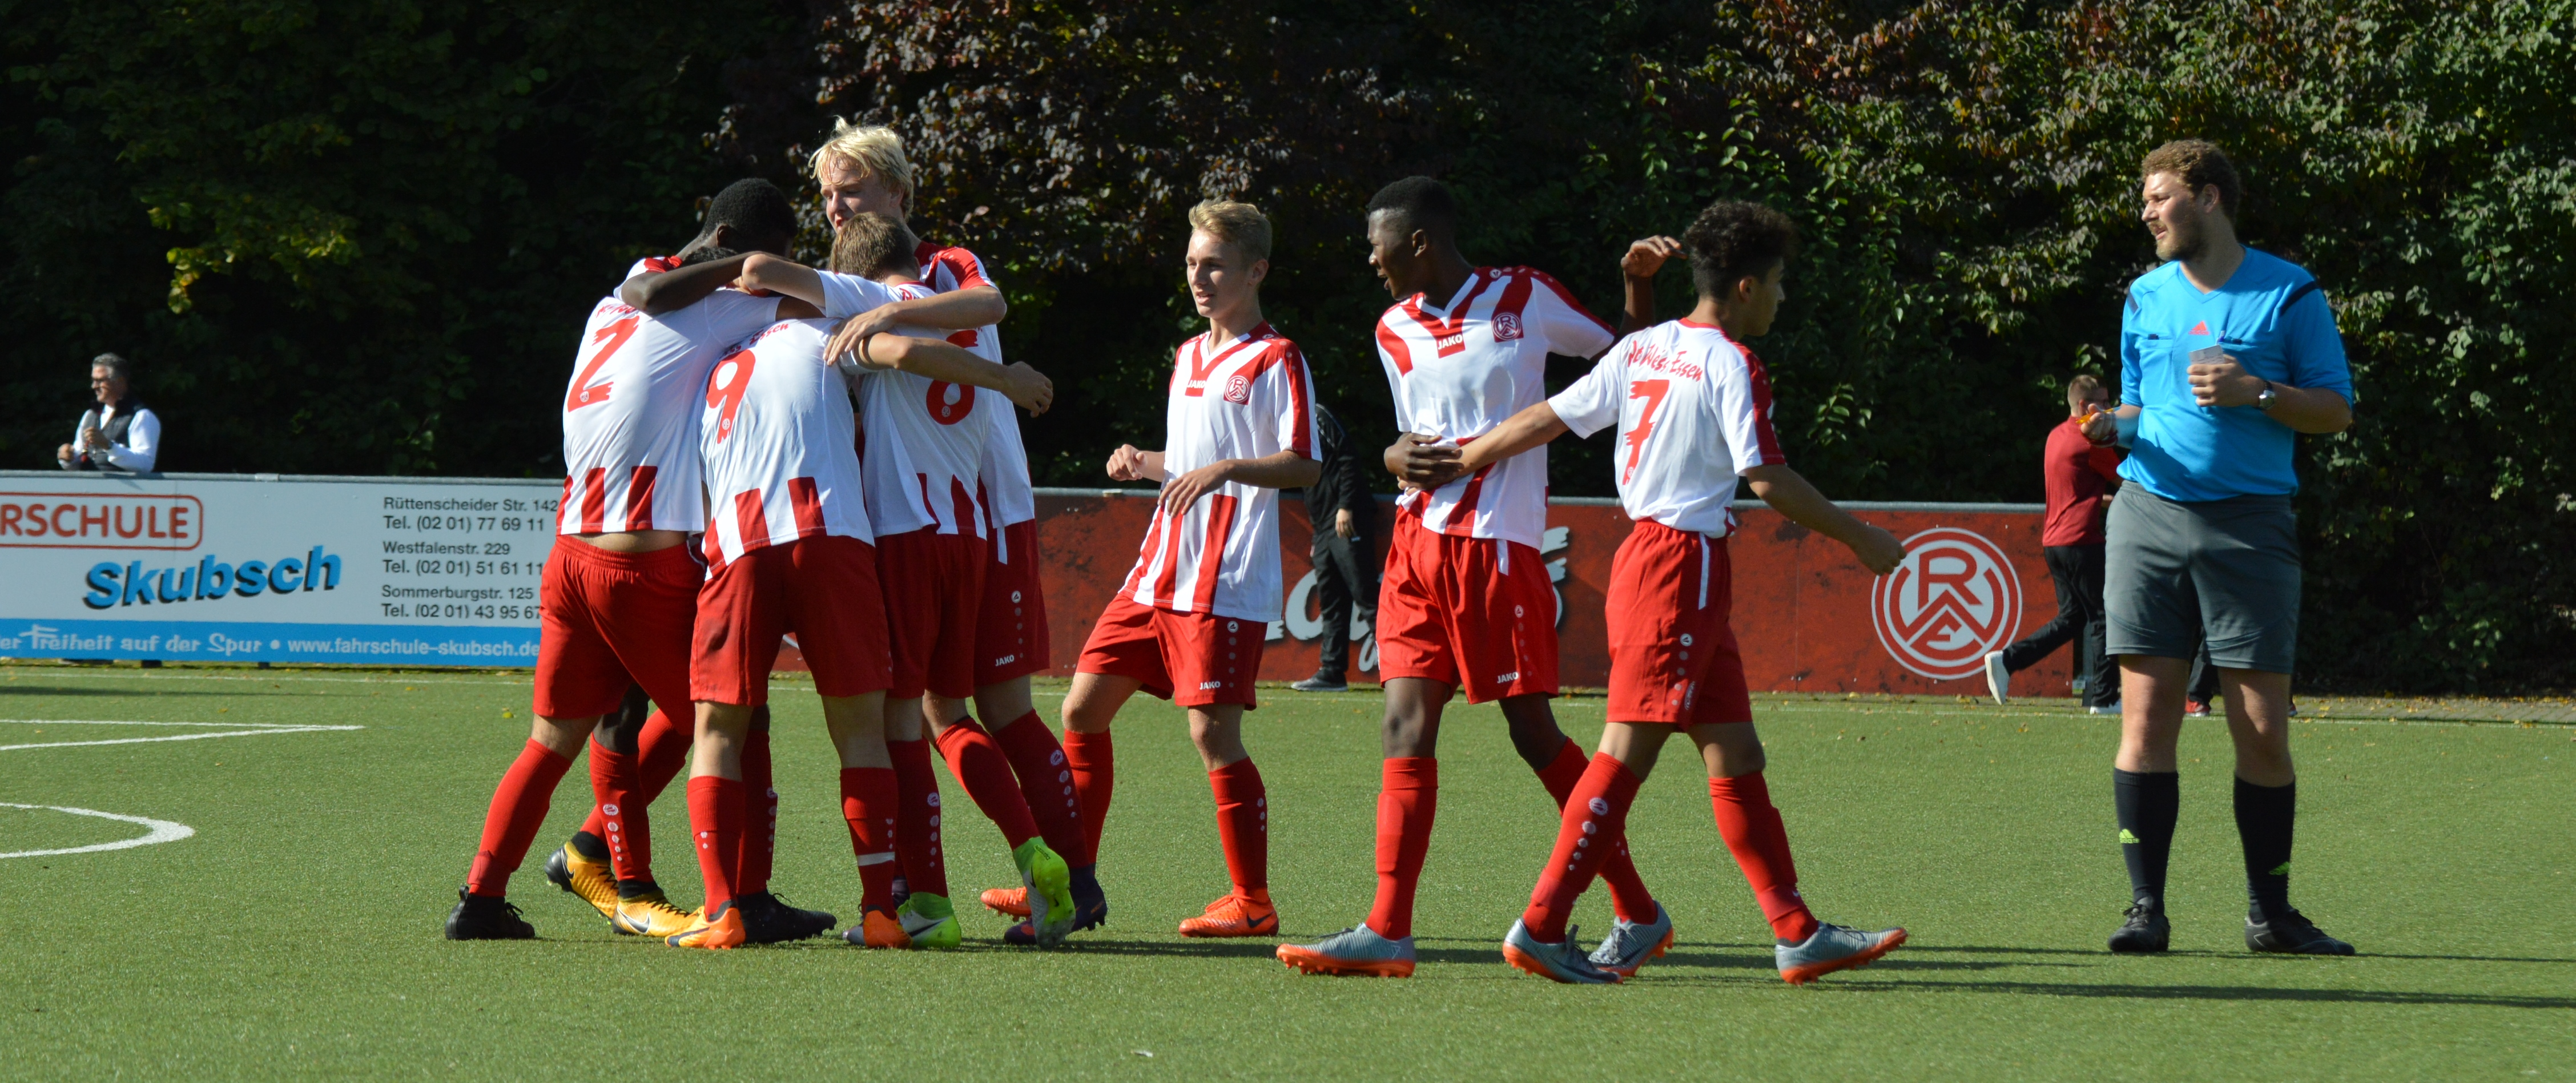 Die rot-weissen Jugendteams konnten überzeugen.